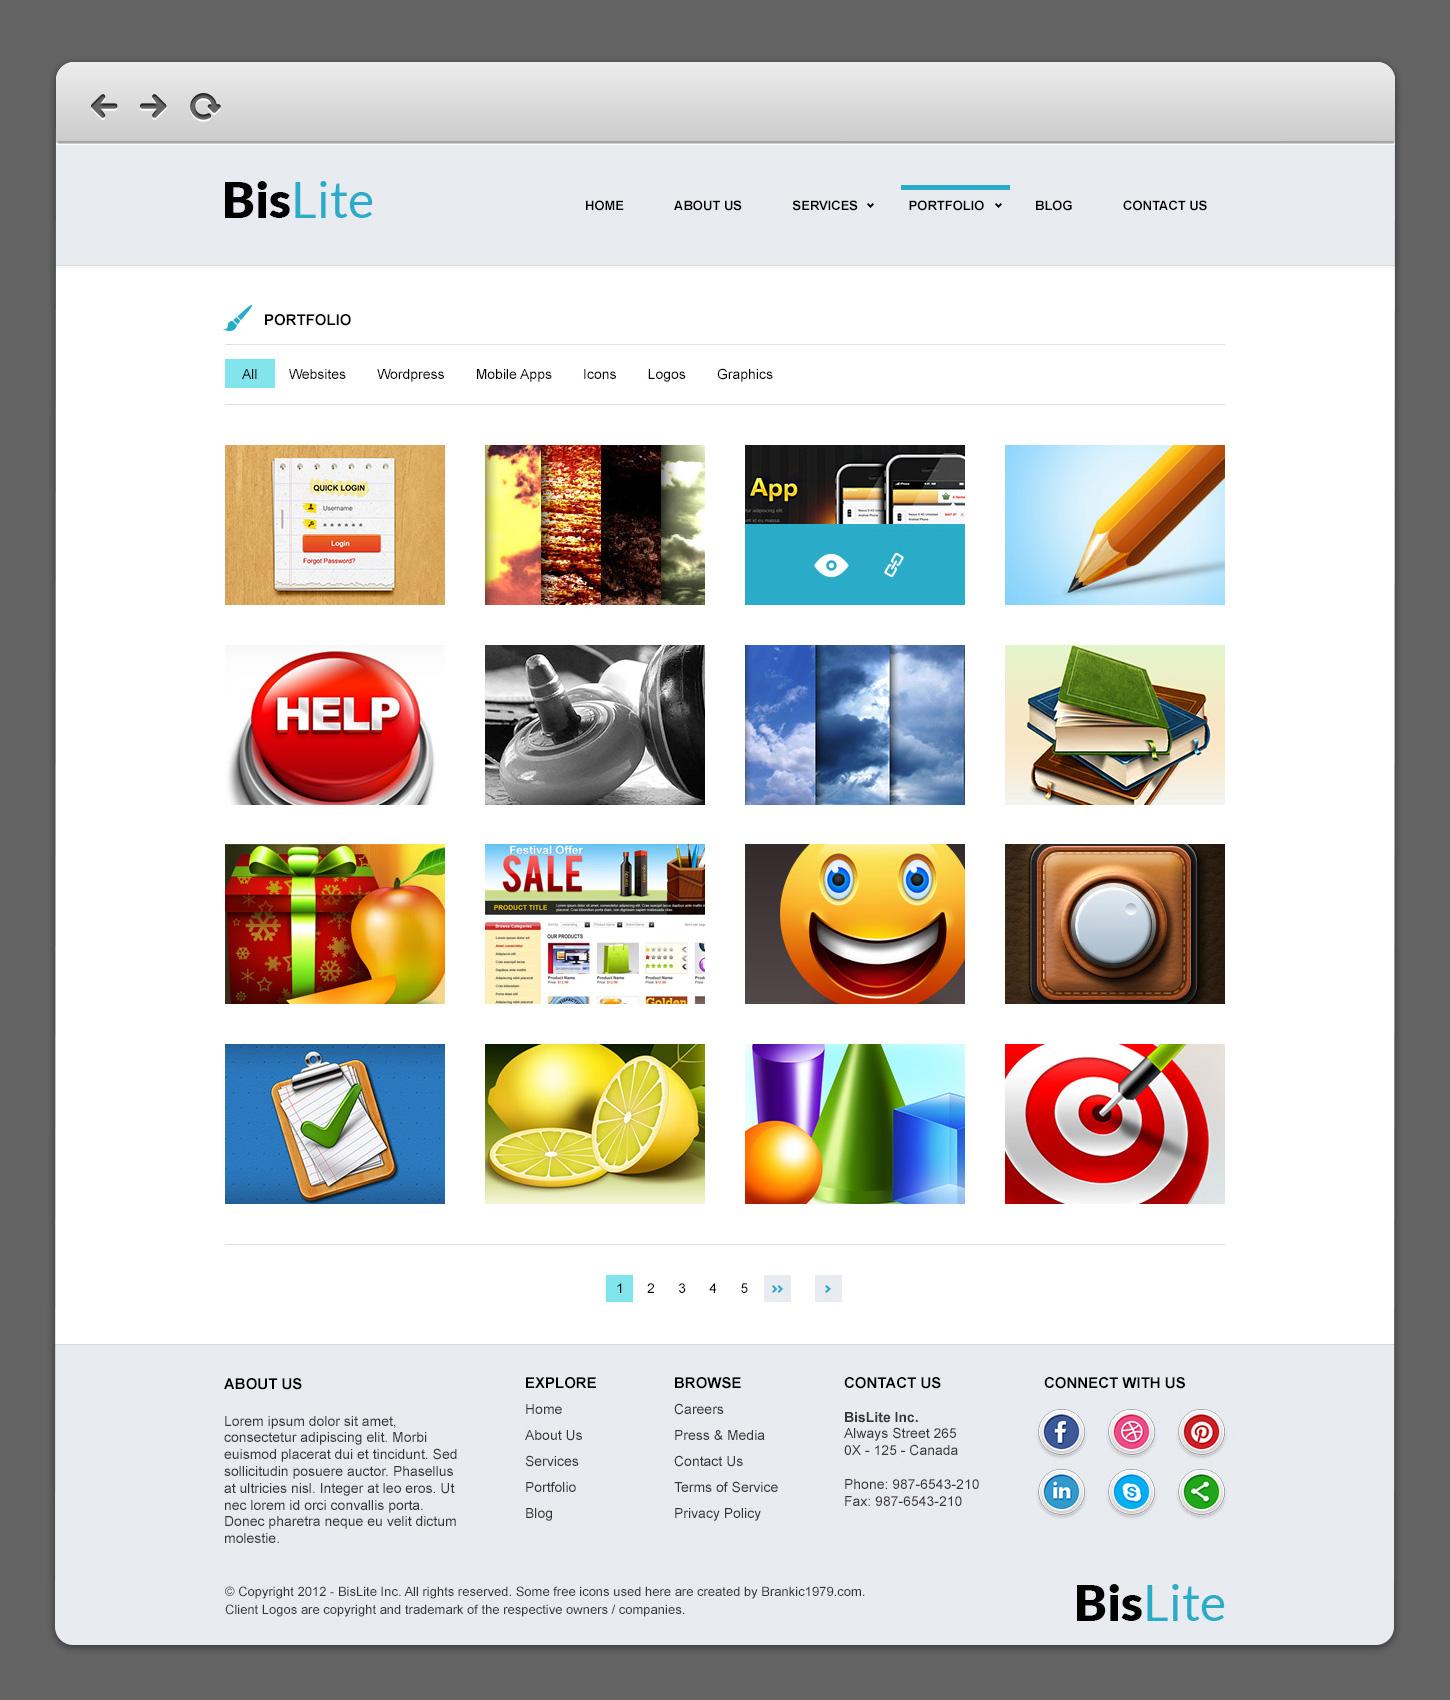 bislite business website psd templates graphicsfuel. Black Bedroom Furniture Sets. Home Design Ideas